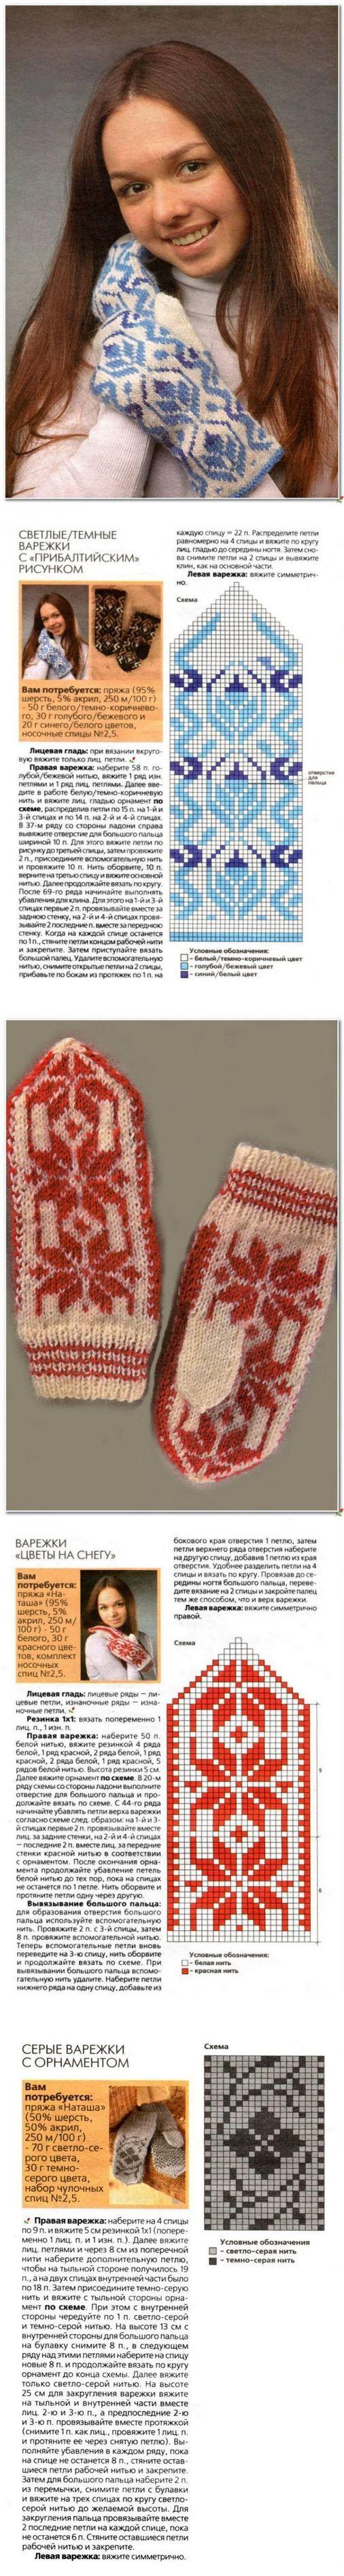 Вязаные спицами варежки с жаккардовыми узорами. Подборка схем для вязания спицами варежек. | Домоводство для всей семьи